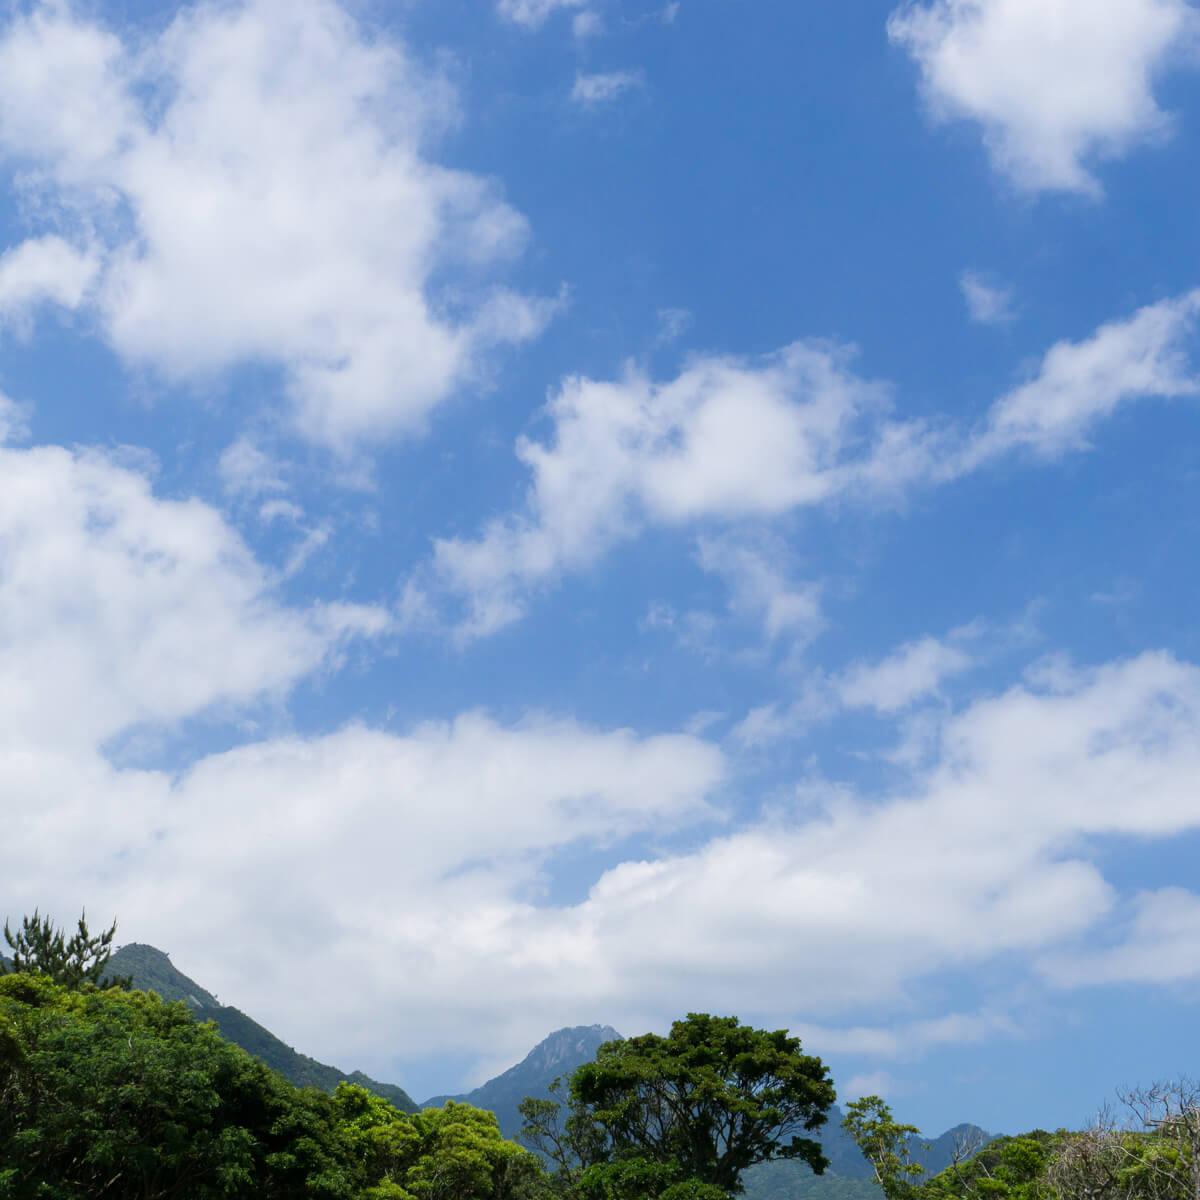 屋久島の山々、空 屋久島日々の暮らしとジュエリー オーダーメイドマリッジリングのインスピレーション